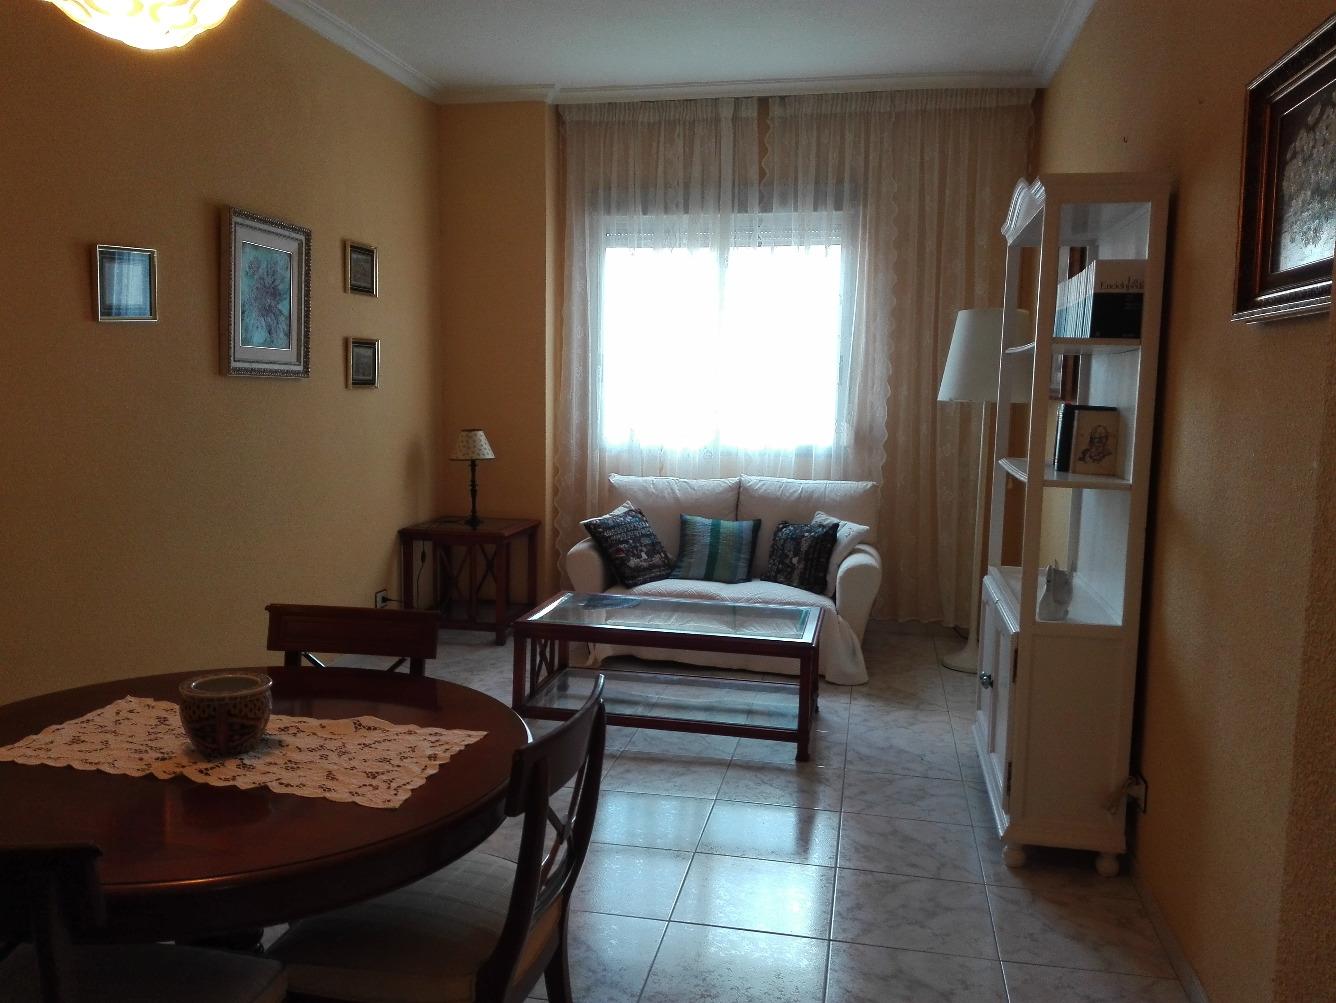 Piso en venta con 85 m2, 2 dormitorios  en Centro (S. C. Tenerife (Cap